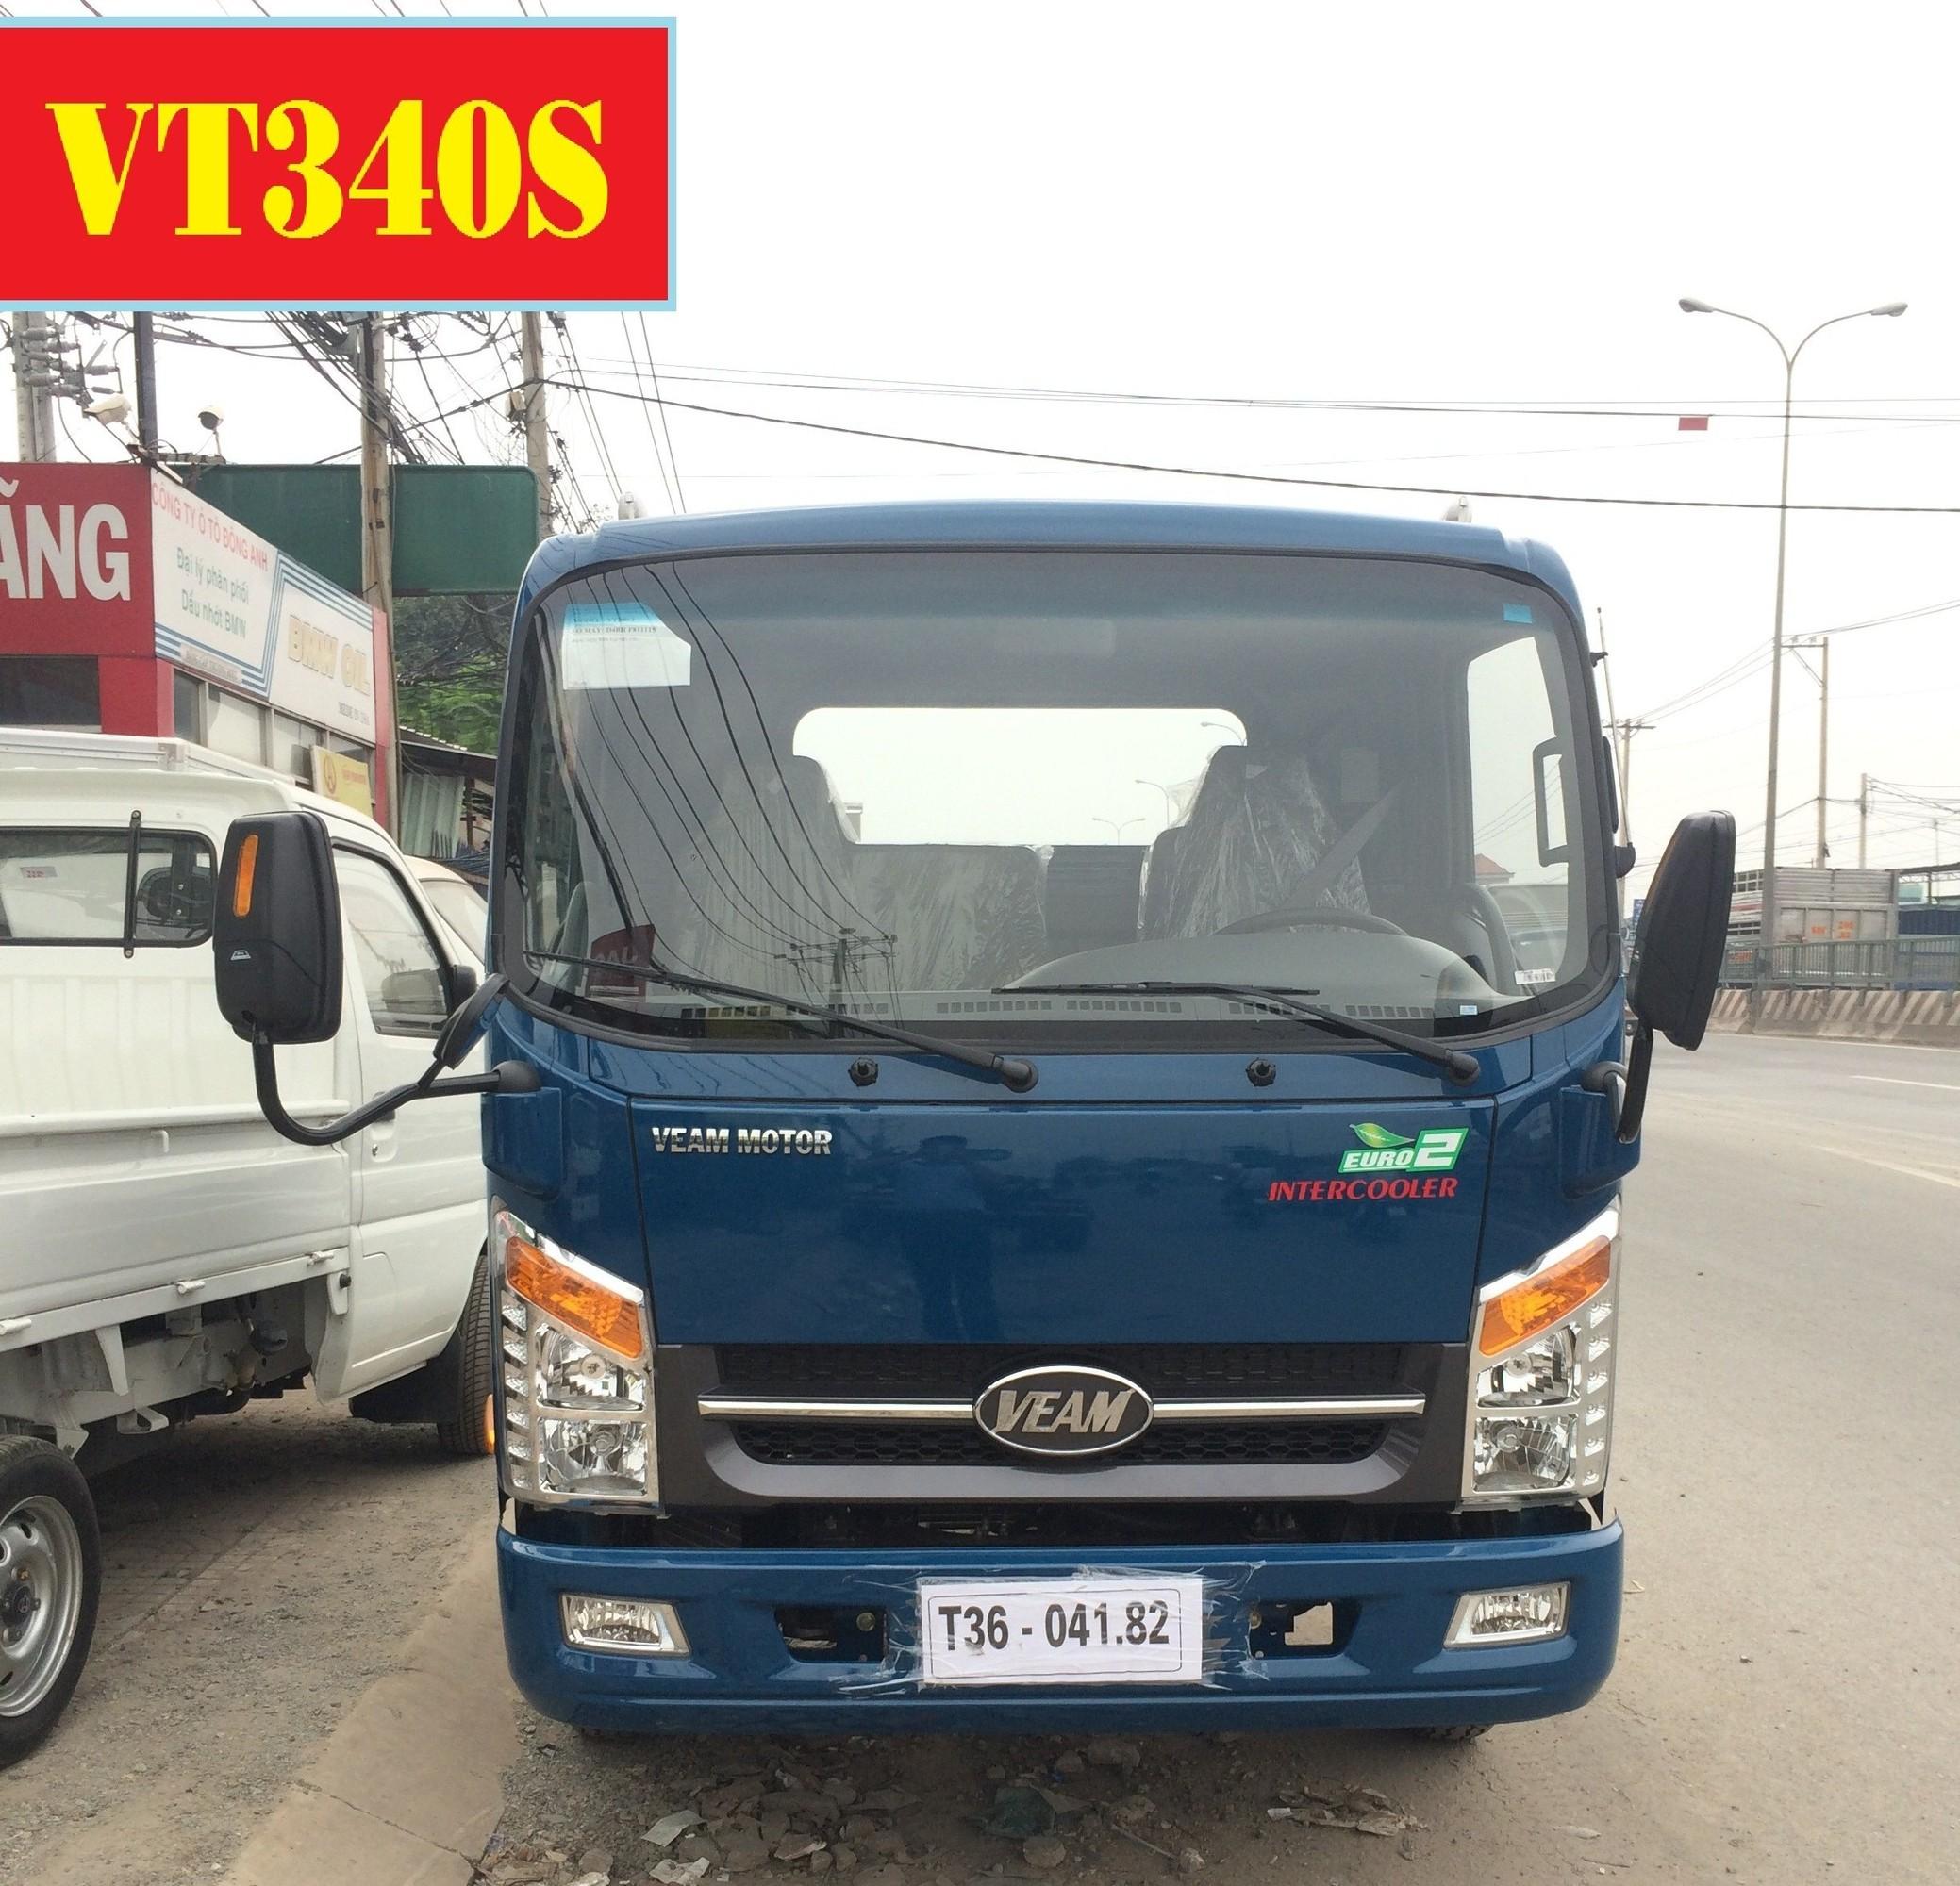 Đại lý bán xe tải veam 3,5 tấn - veam huyndai VT340s thùng 6m - Cửa hàng bán xe tải veam 3,5 tấn